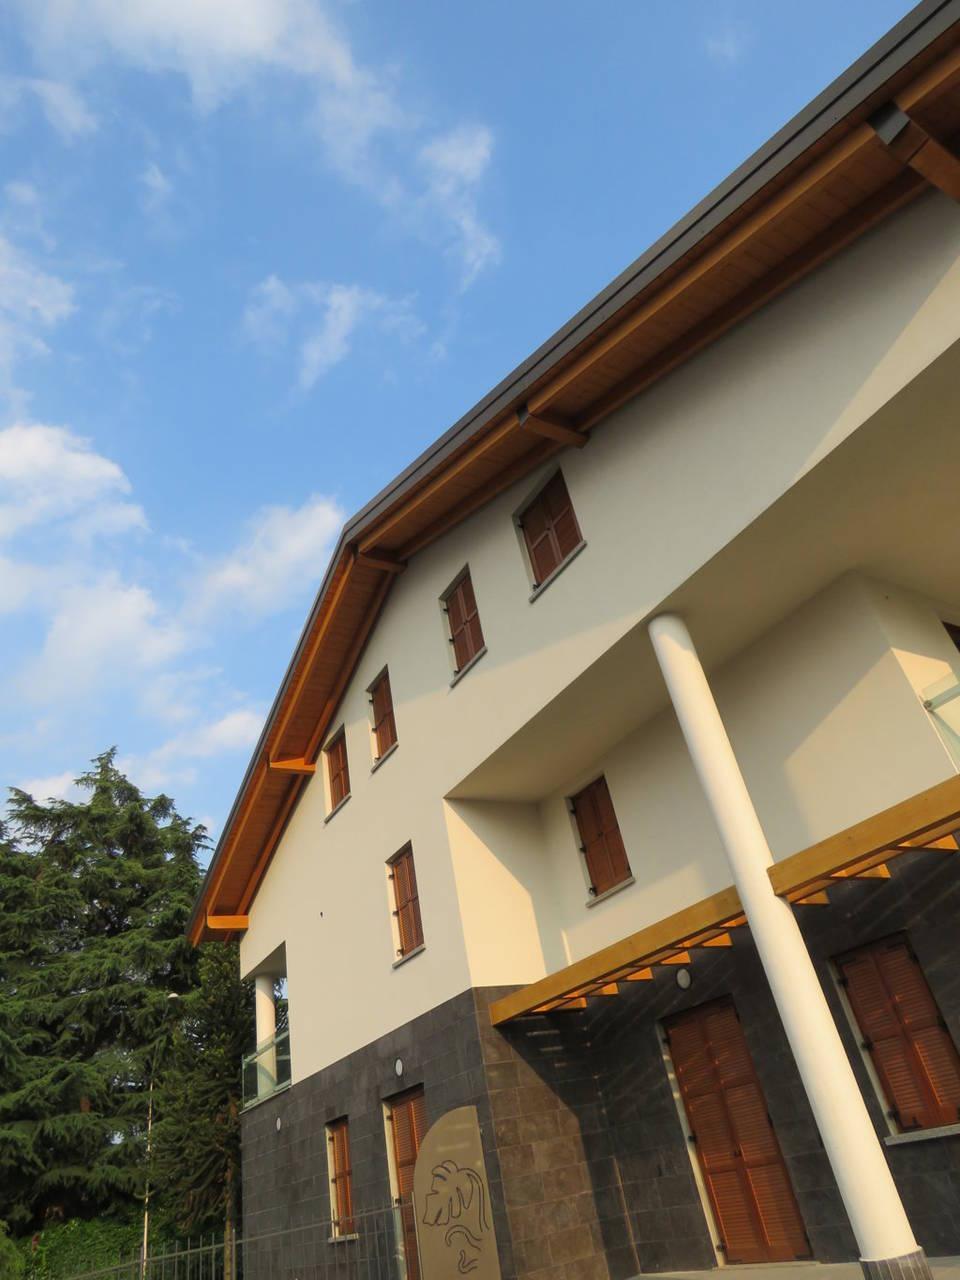 4-locali-con-terrazzo-in-vendita-a-Burago-di-Molgora-Brianza-21